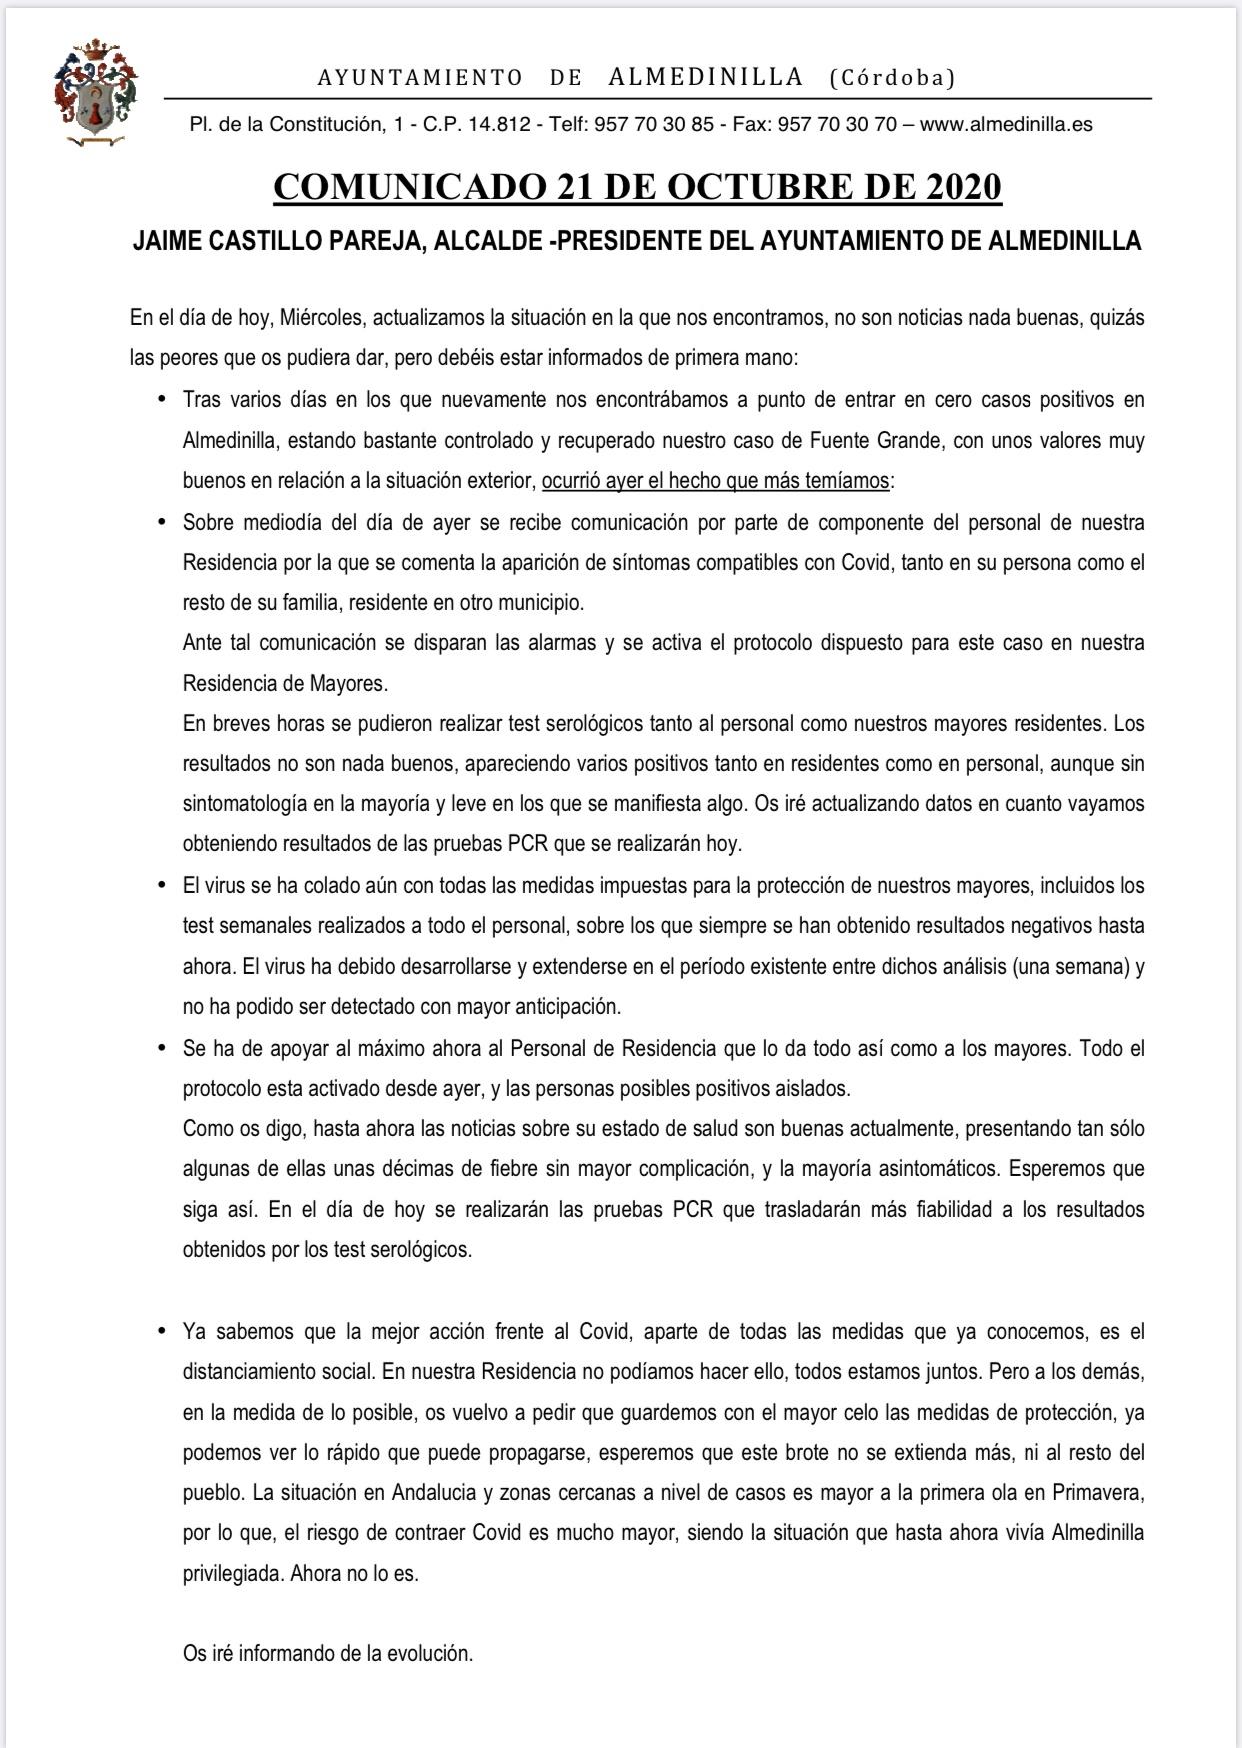 Comunicado Covid-19 del 21 de octubre 2020 1